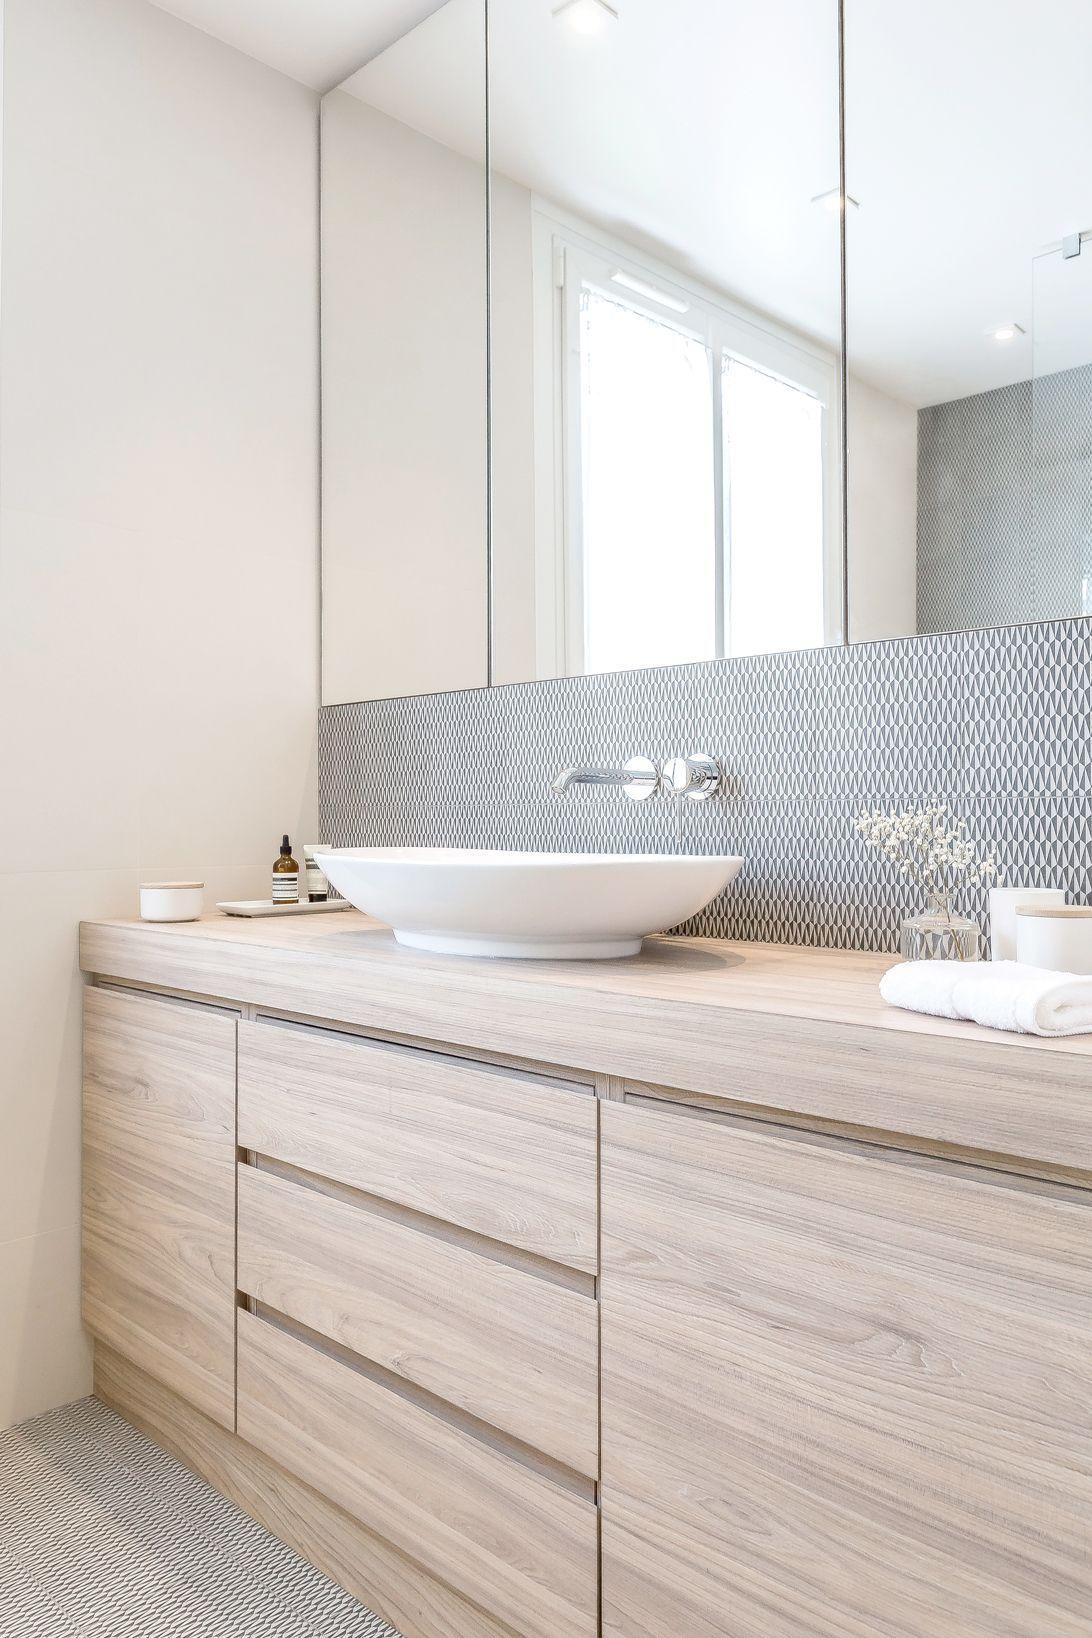 Pin By Sally Holmes On Bathroom Modern Bathroom Cabinets Bathroom Cabinets Designs Bathroom Design